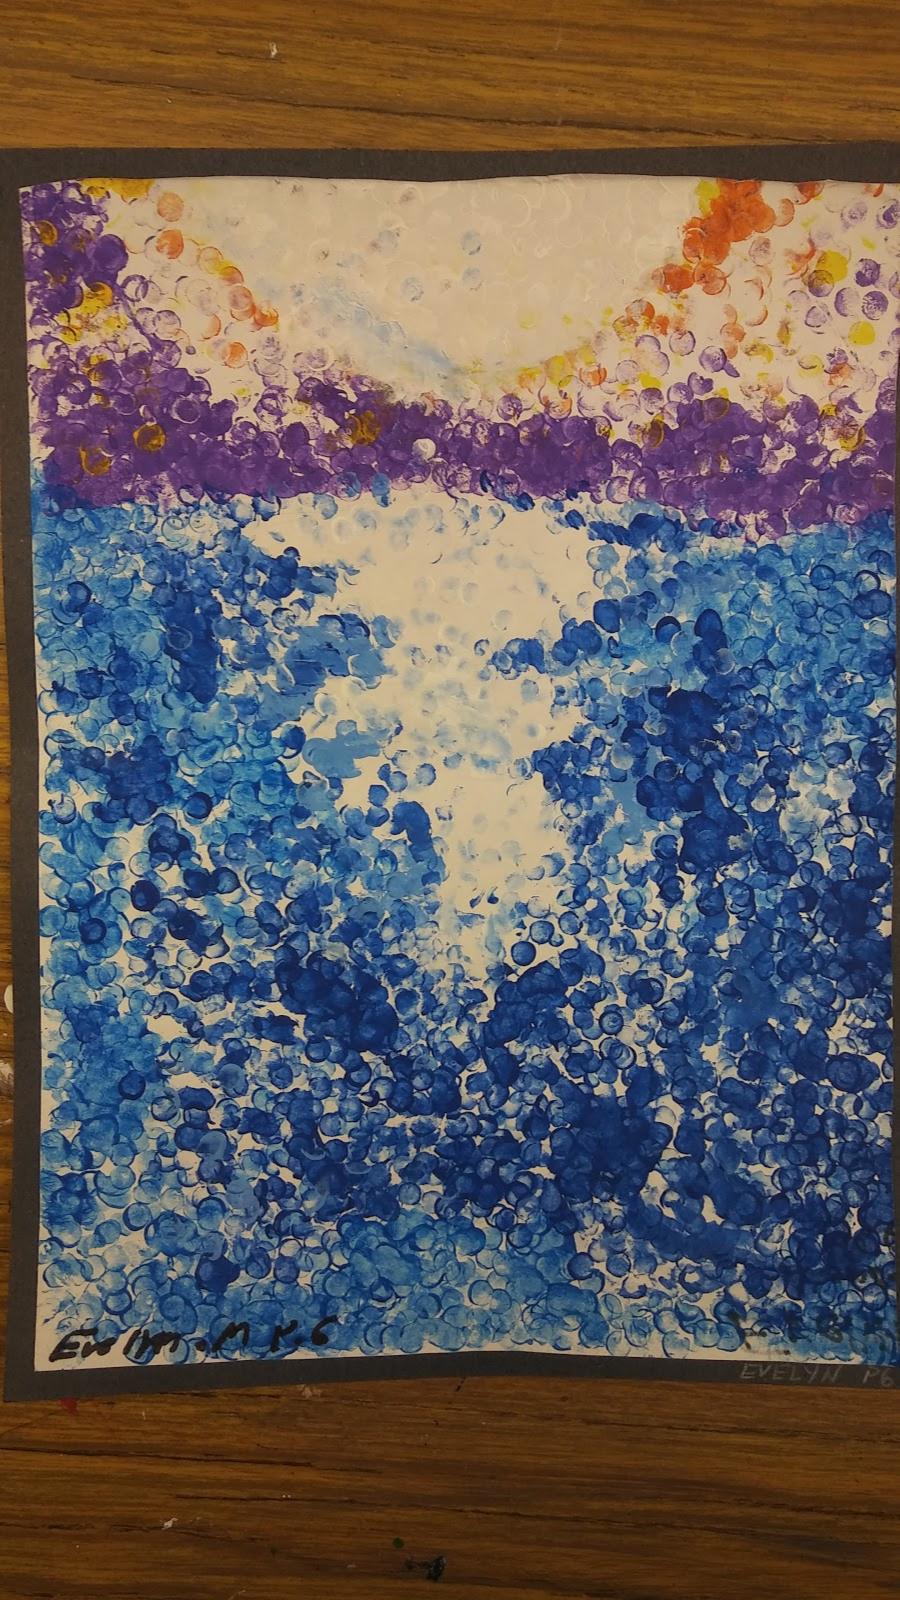 Landmark Student Painting of ocean